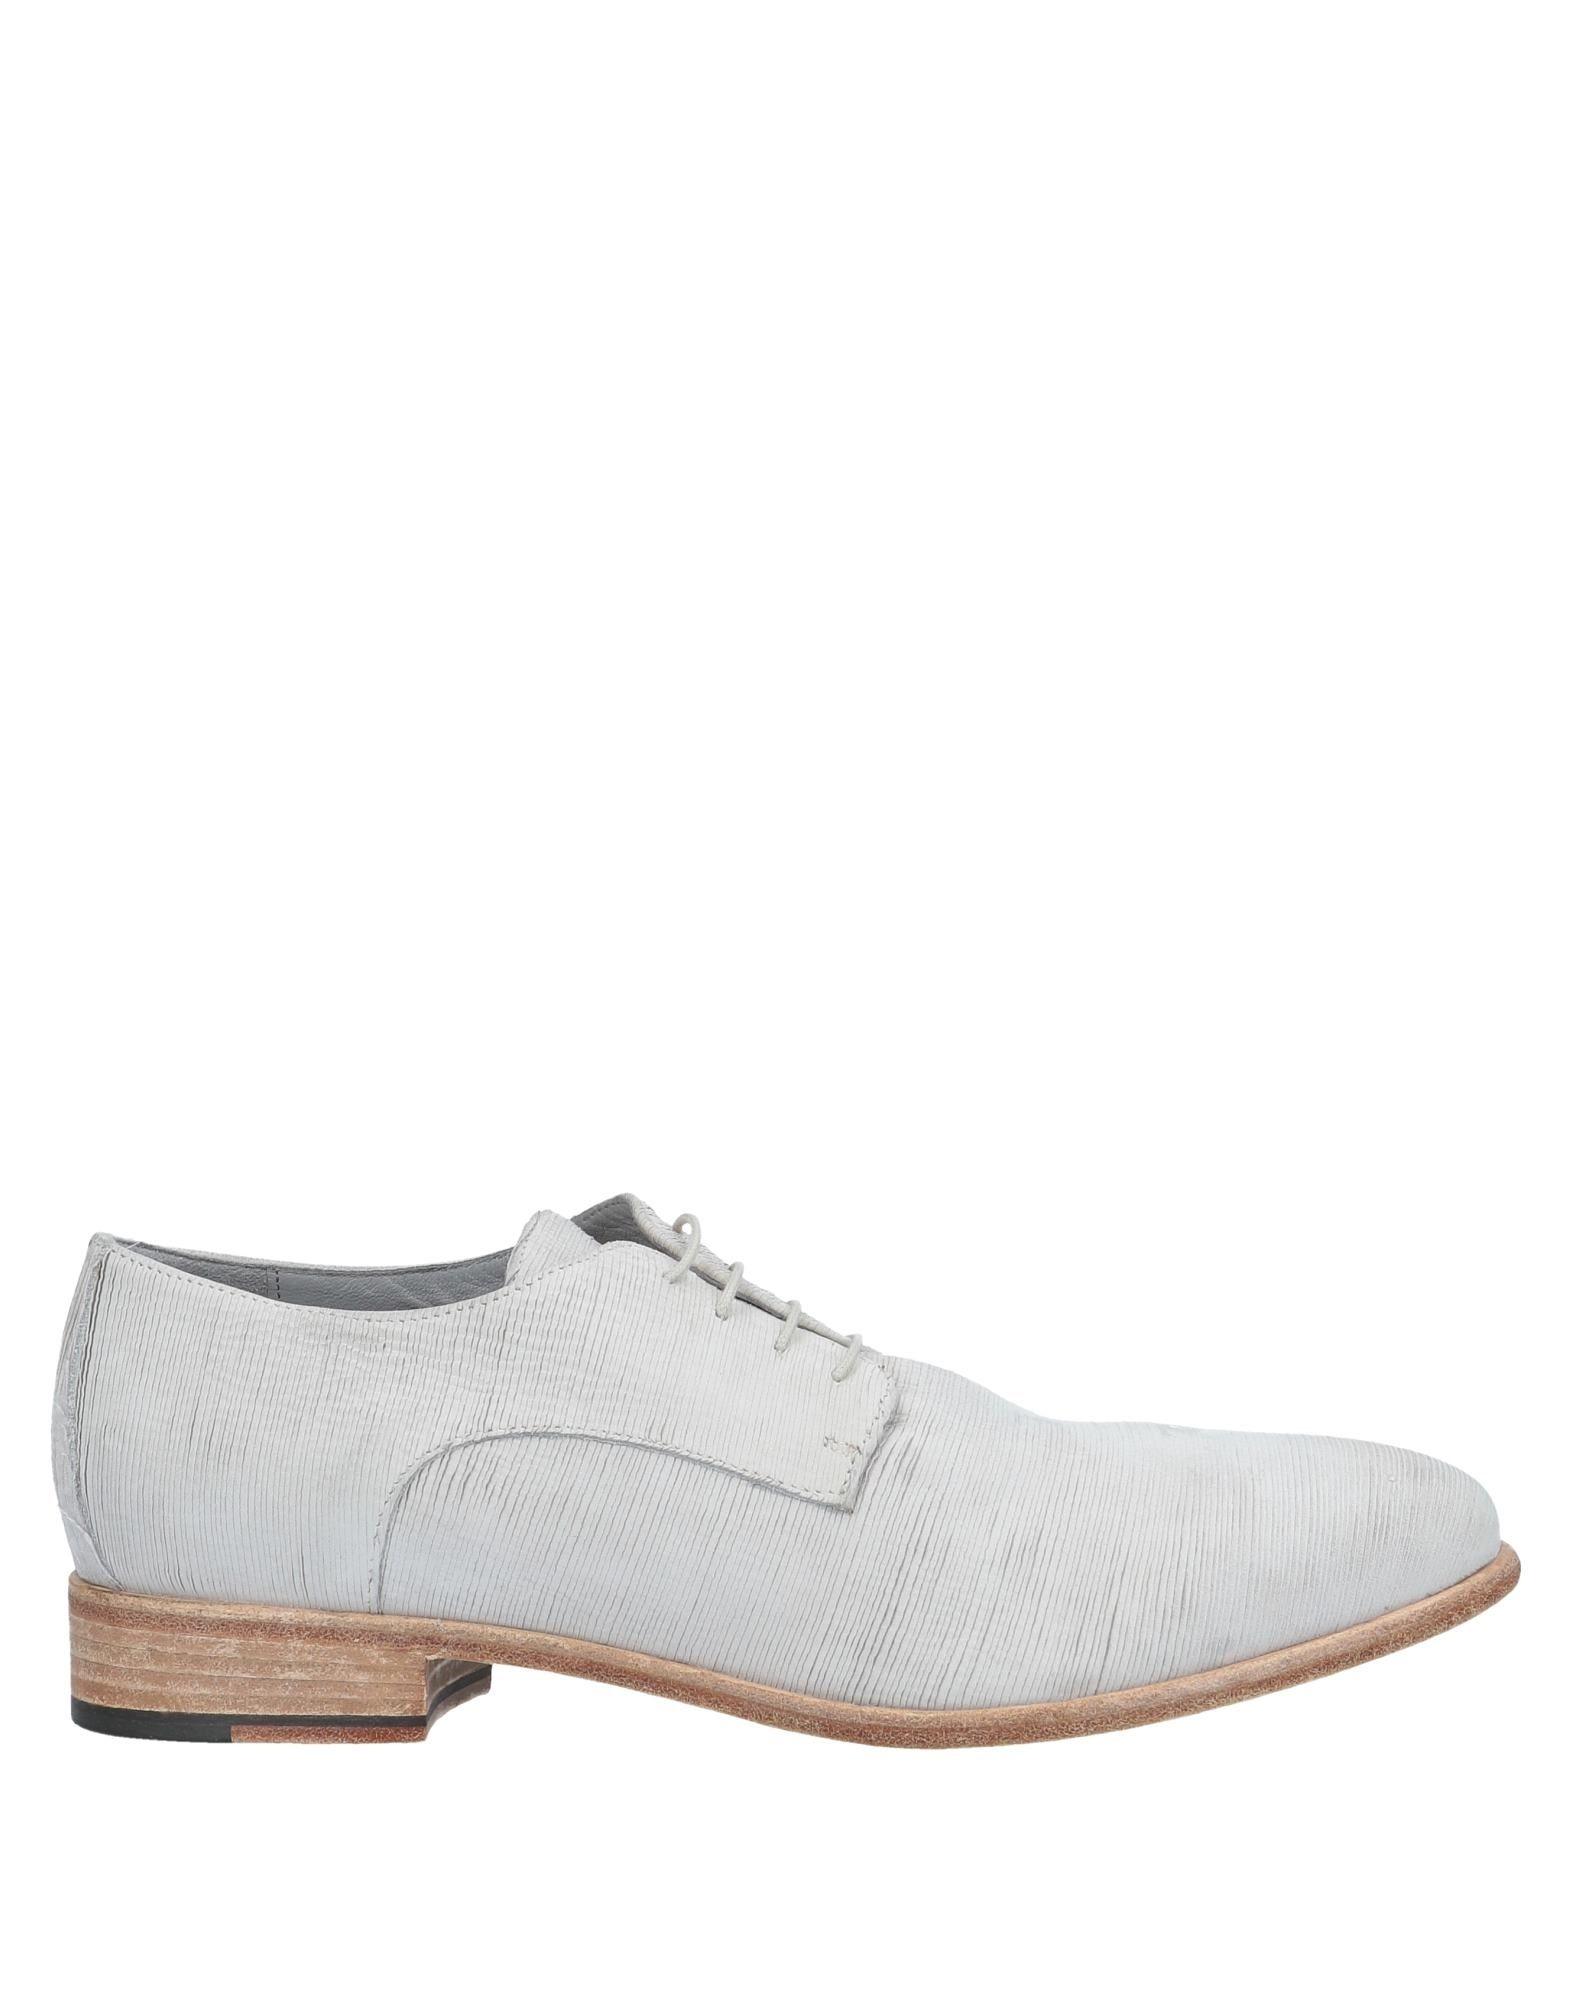 Фото - GARRICE Обувь на шнурках обувь на высокой платформе dkny